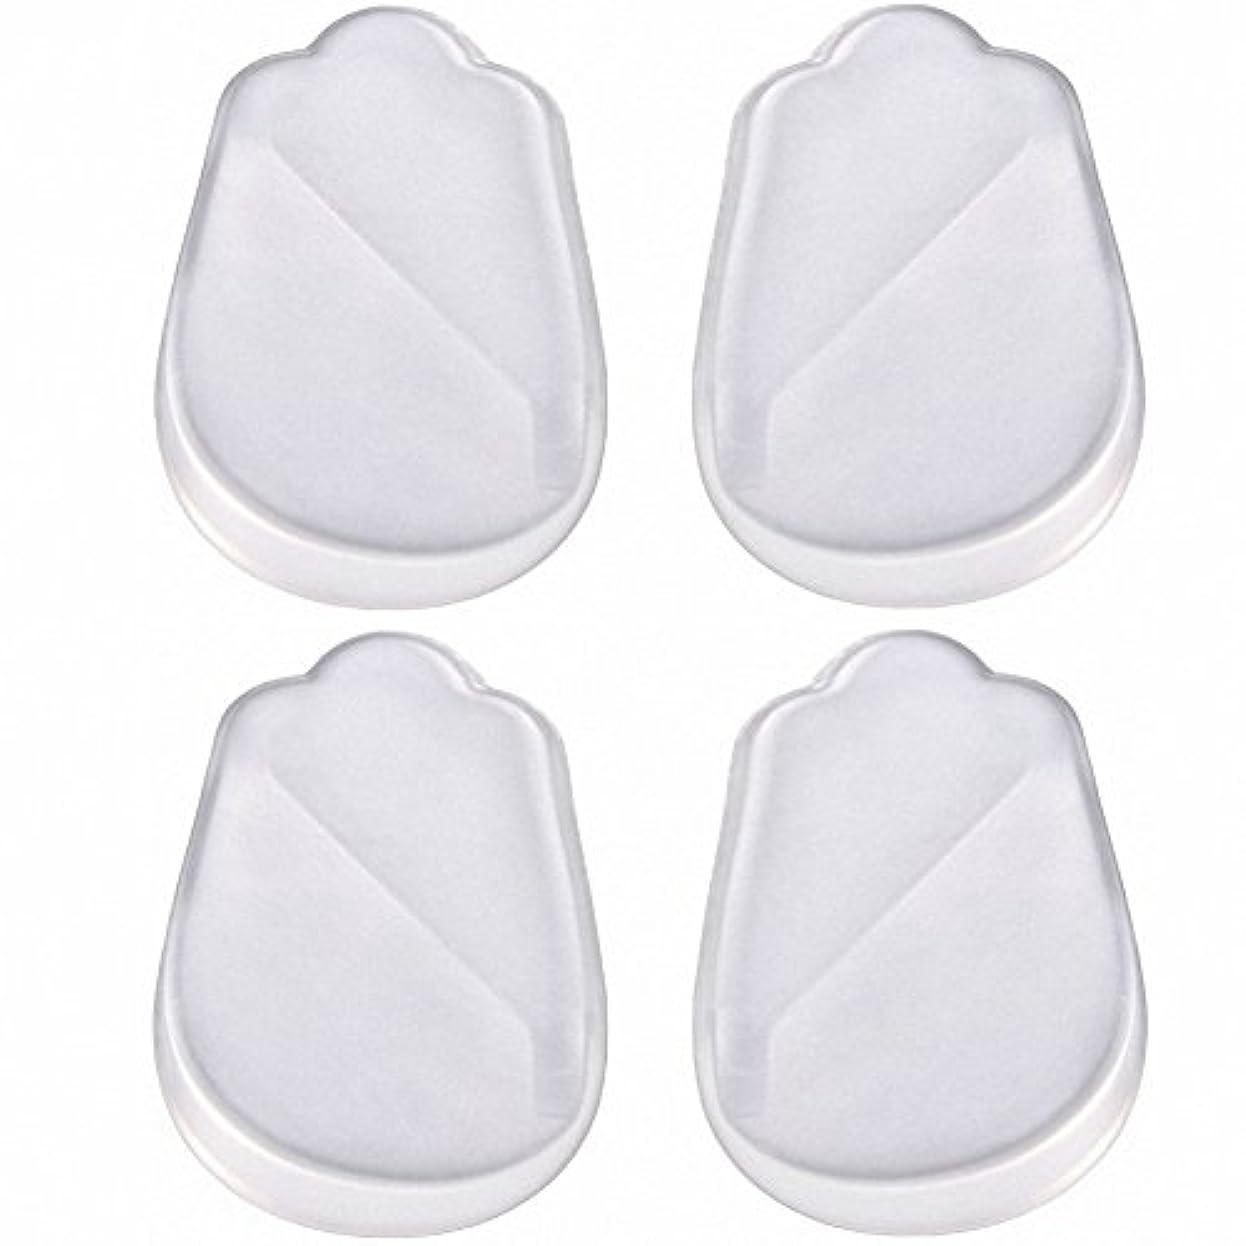 沼地リラックス創造X脚 O脚 矯正用 かかと インソール 中敷き ジェル シリコン 透明 衝撃を吸収 男女兼用 靴に 入れて 履くだけ 4枚 2足分セット